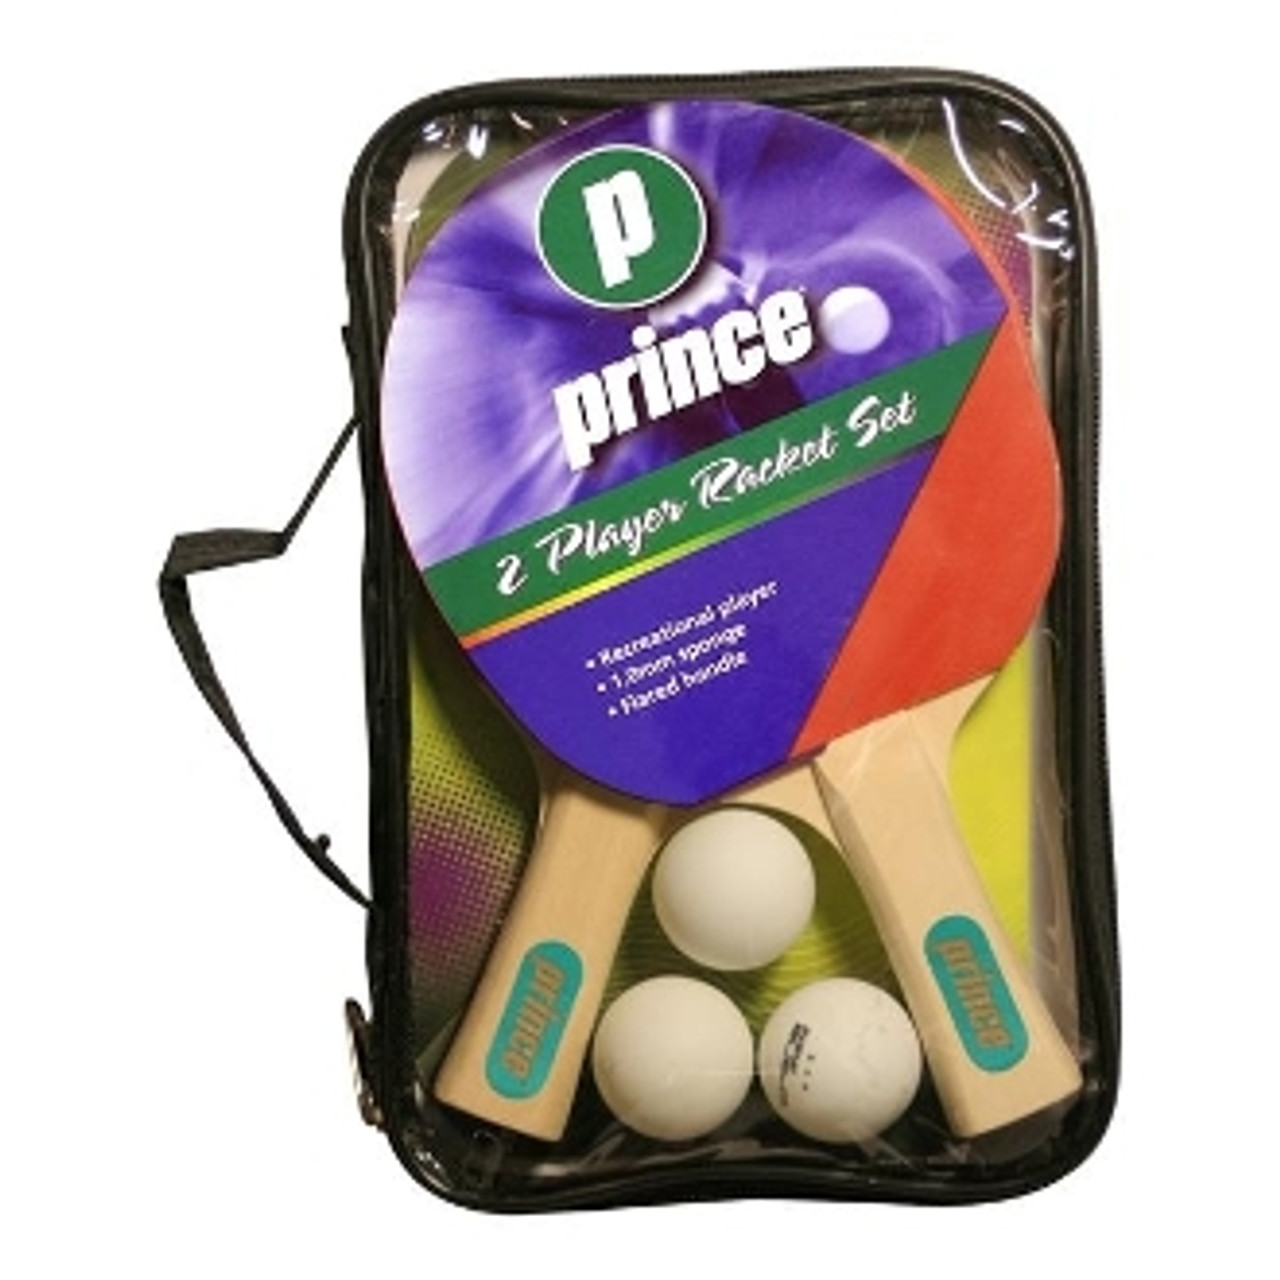 Prince 2 Player Set